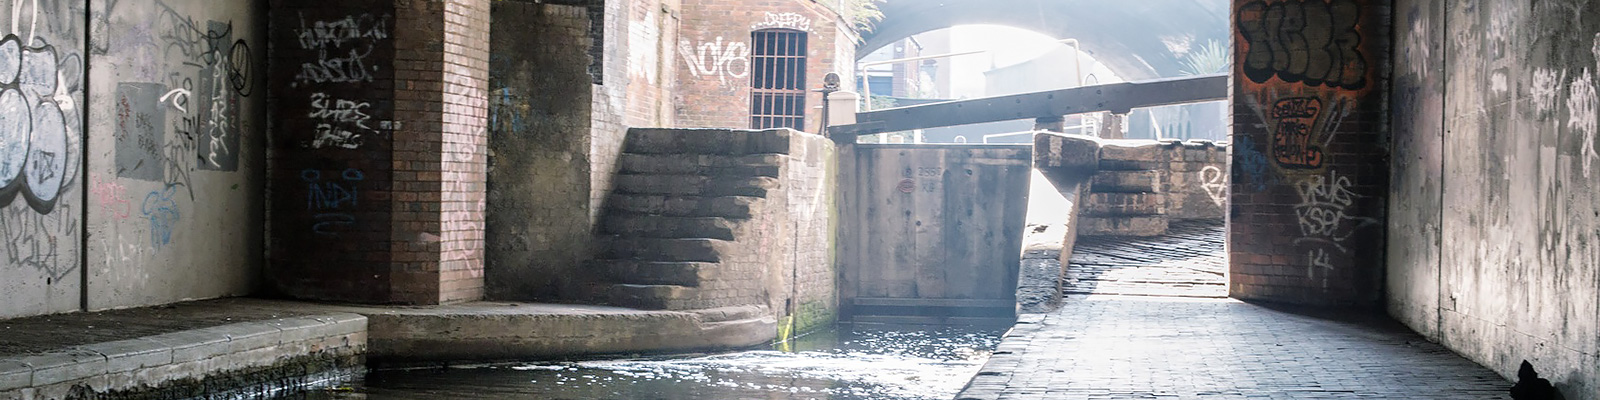 バーミンガム 僻地 イメージ